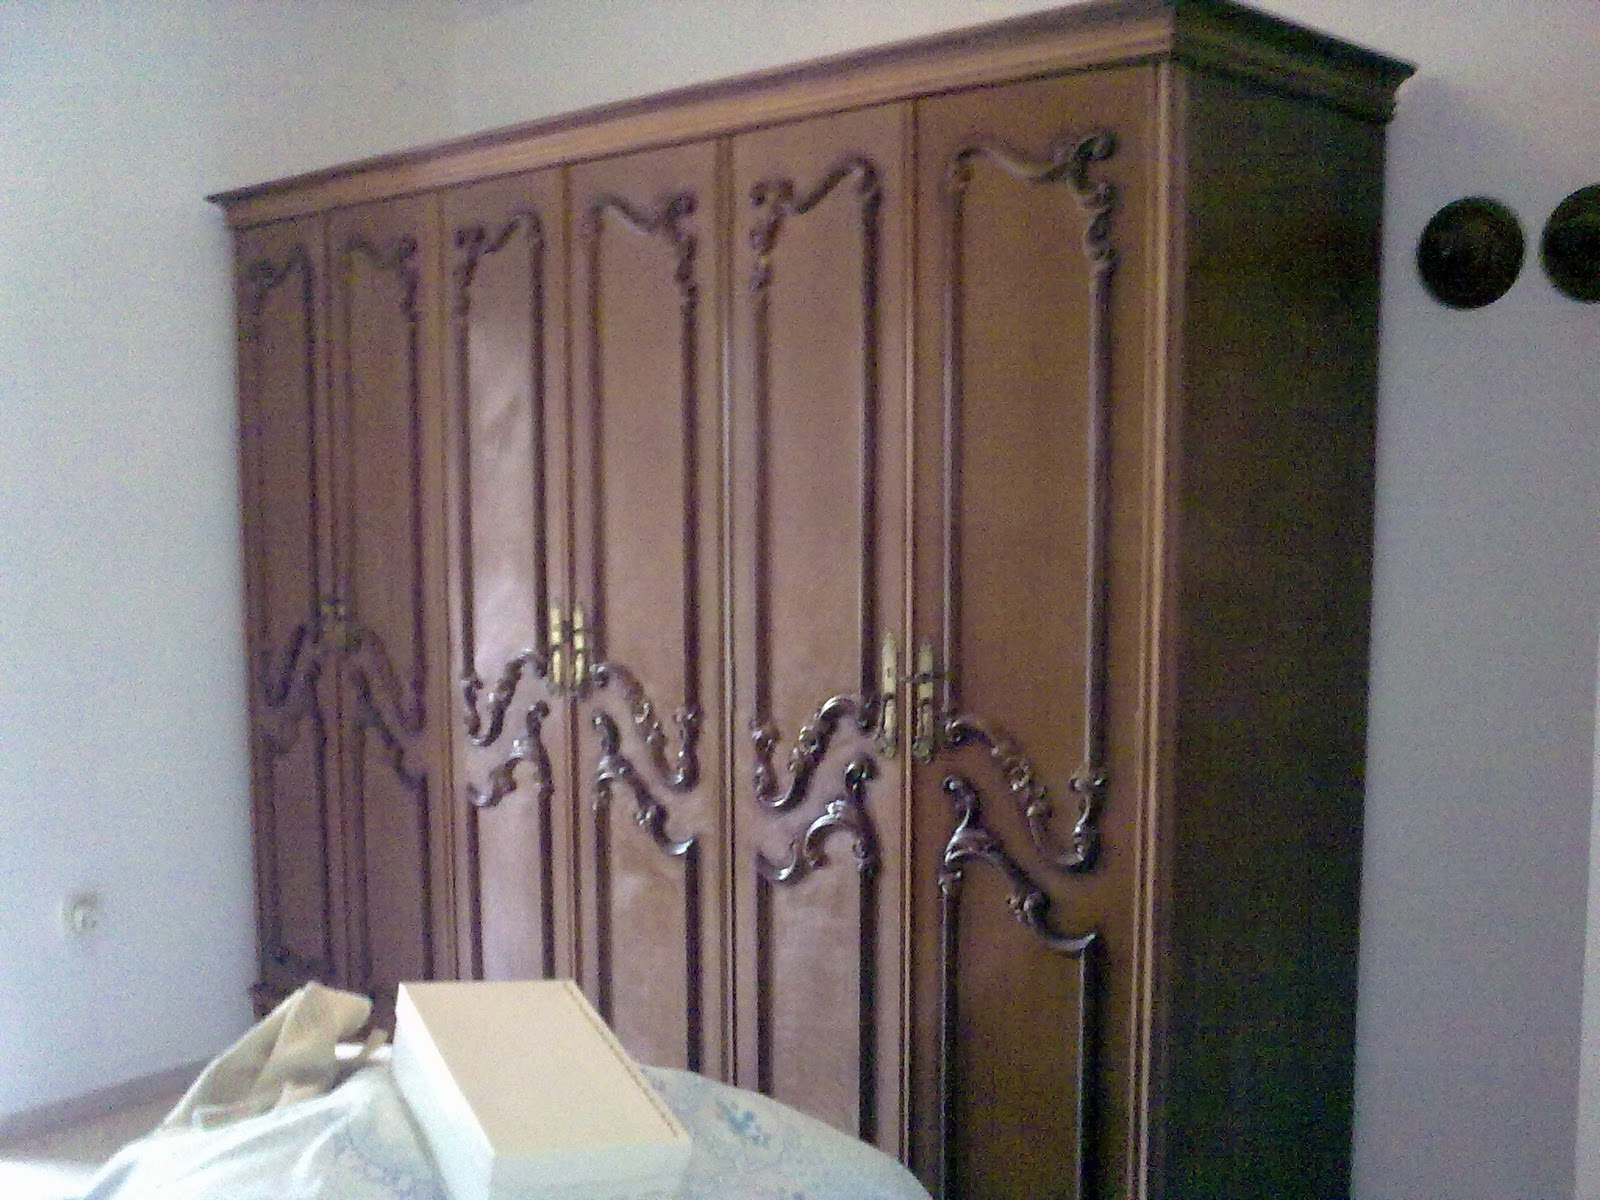 Antes y despu s de la l mpara y el armario de xisca for Muebles antiguos restaurados antes y despues